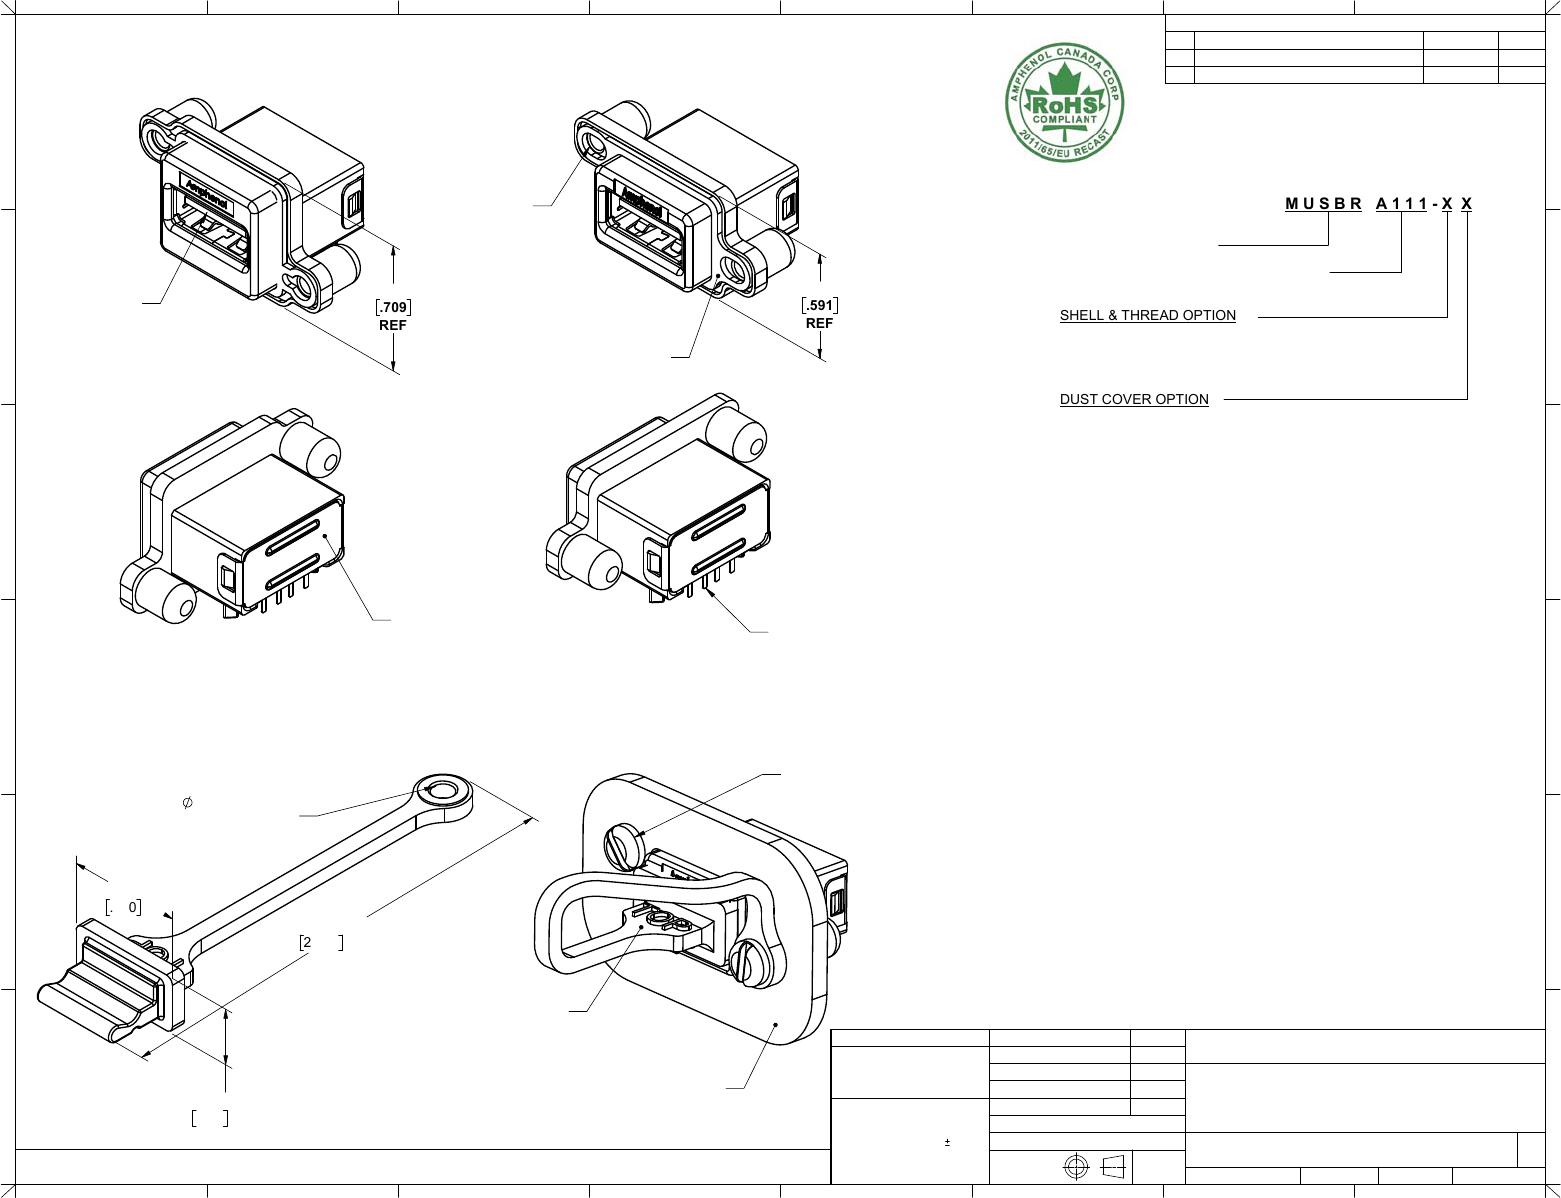 Musbra111xx Drawing